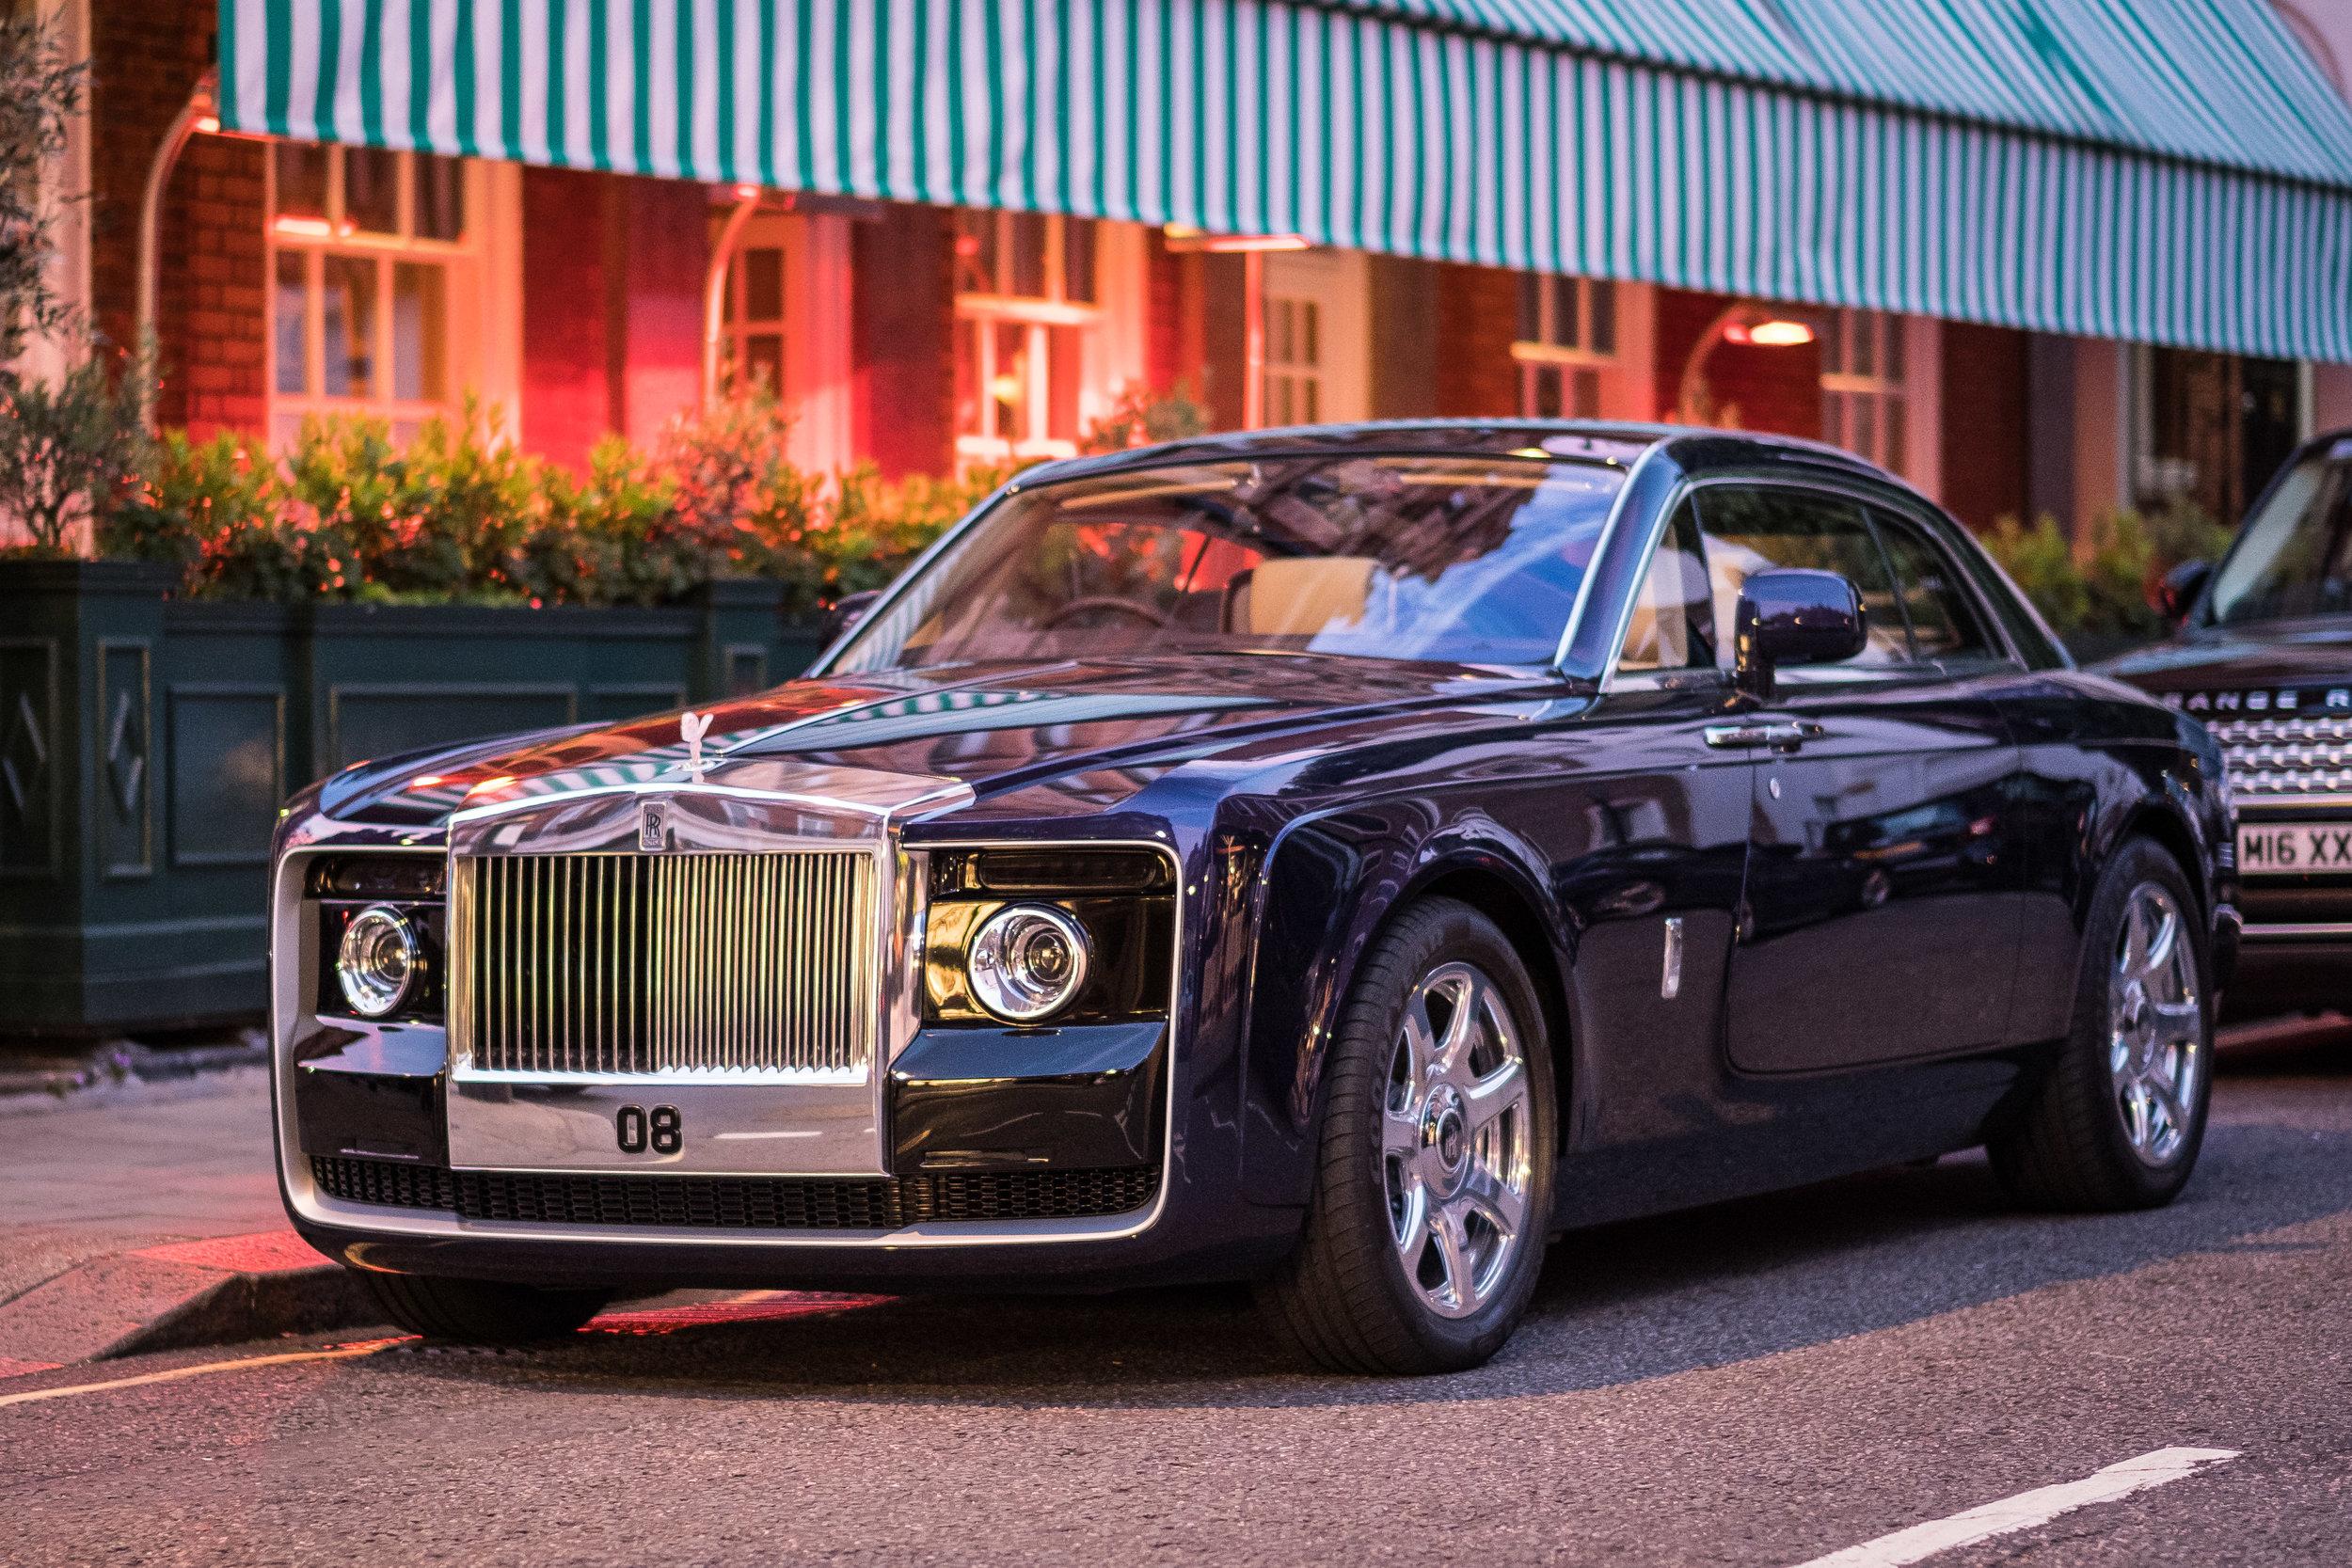 Rolls Royce Sweptail Bespoke